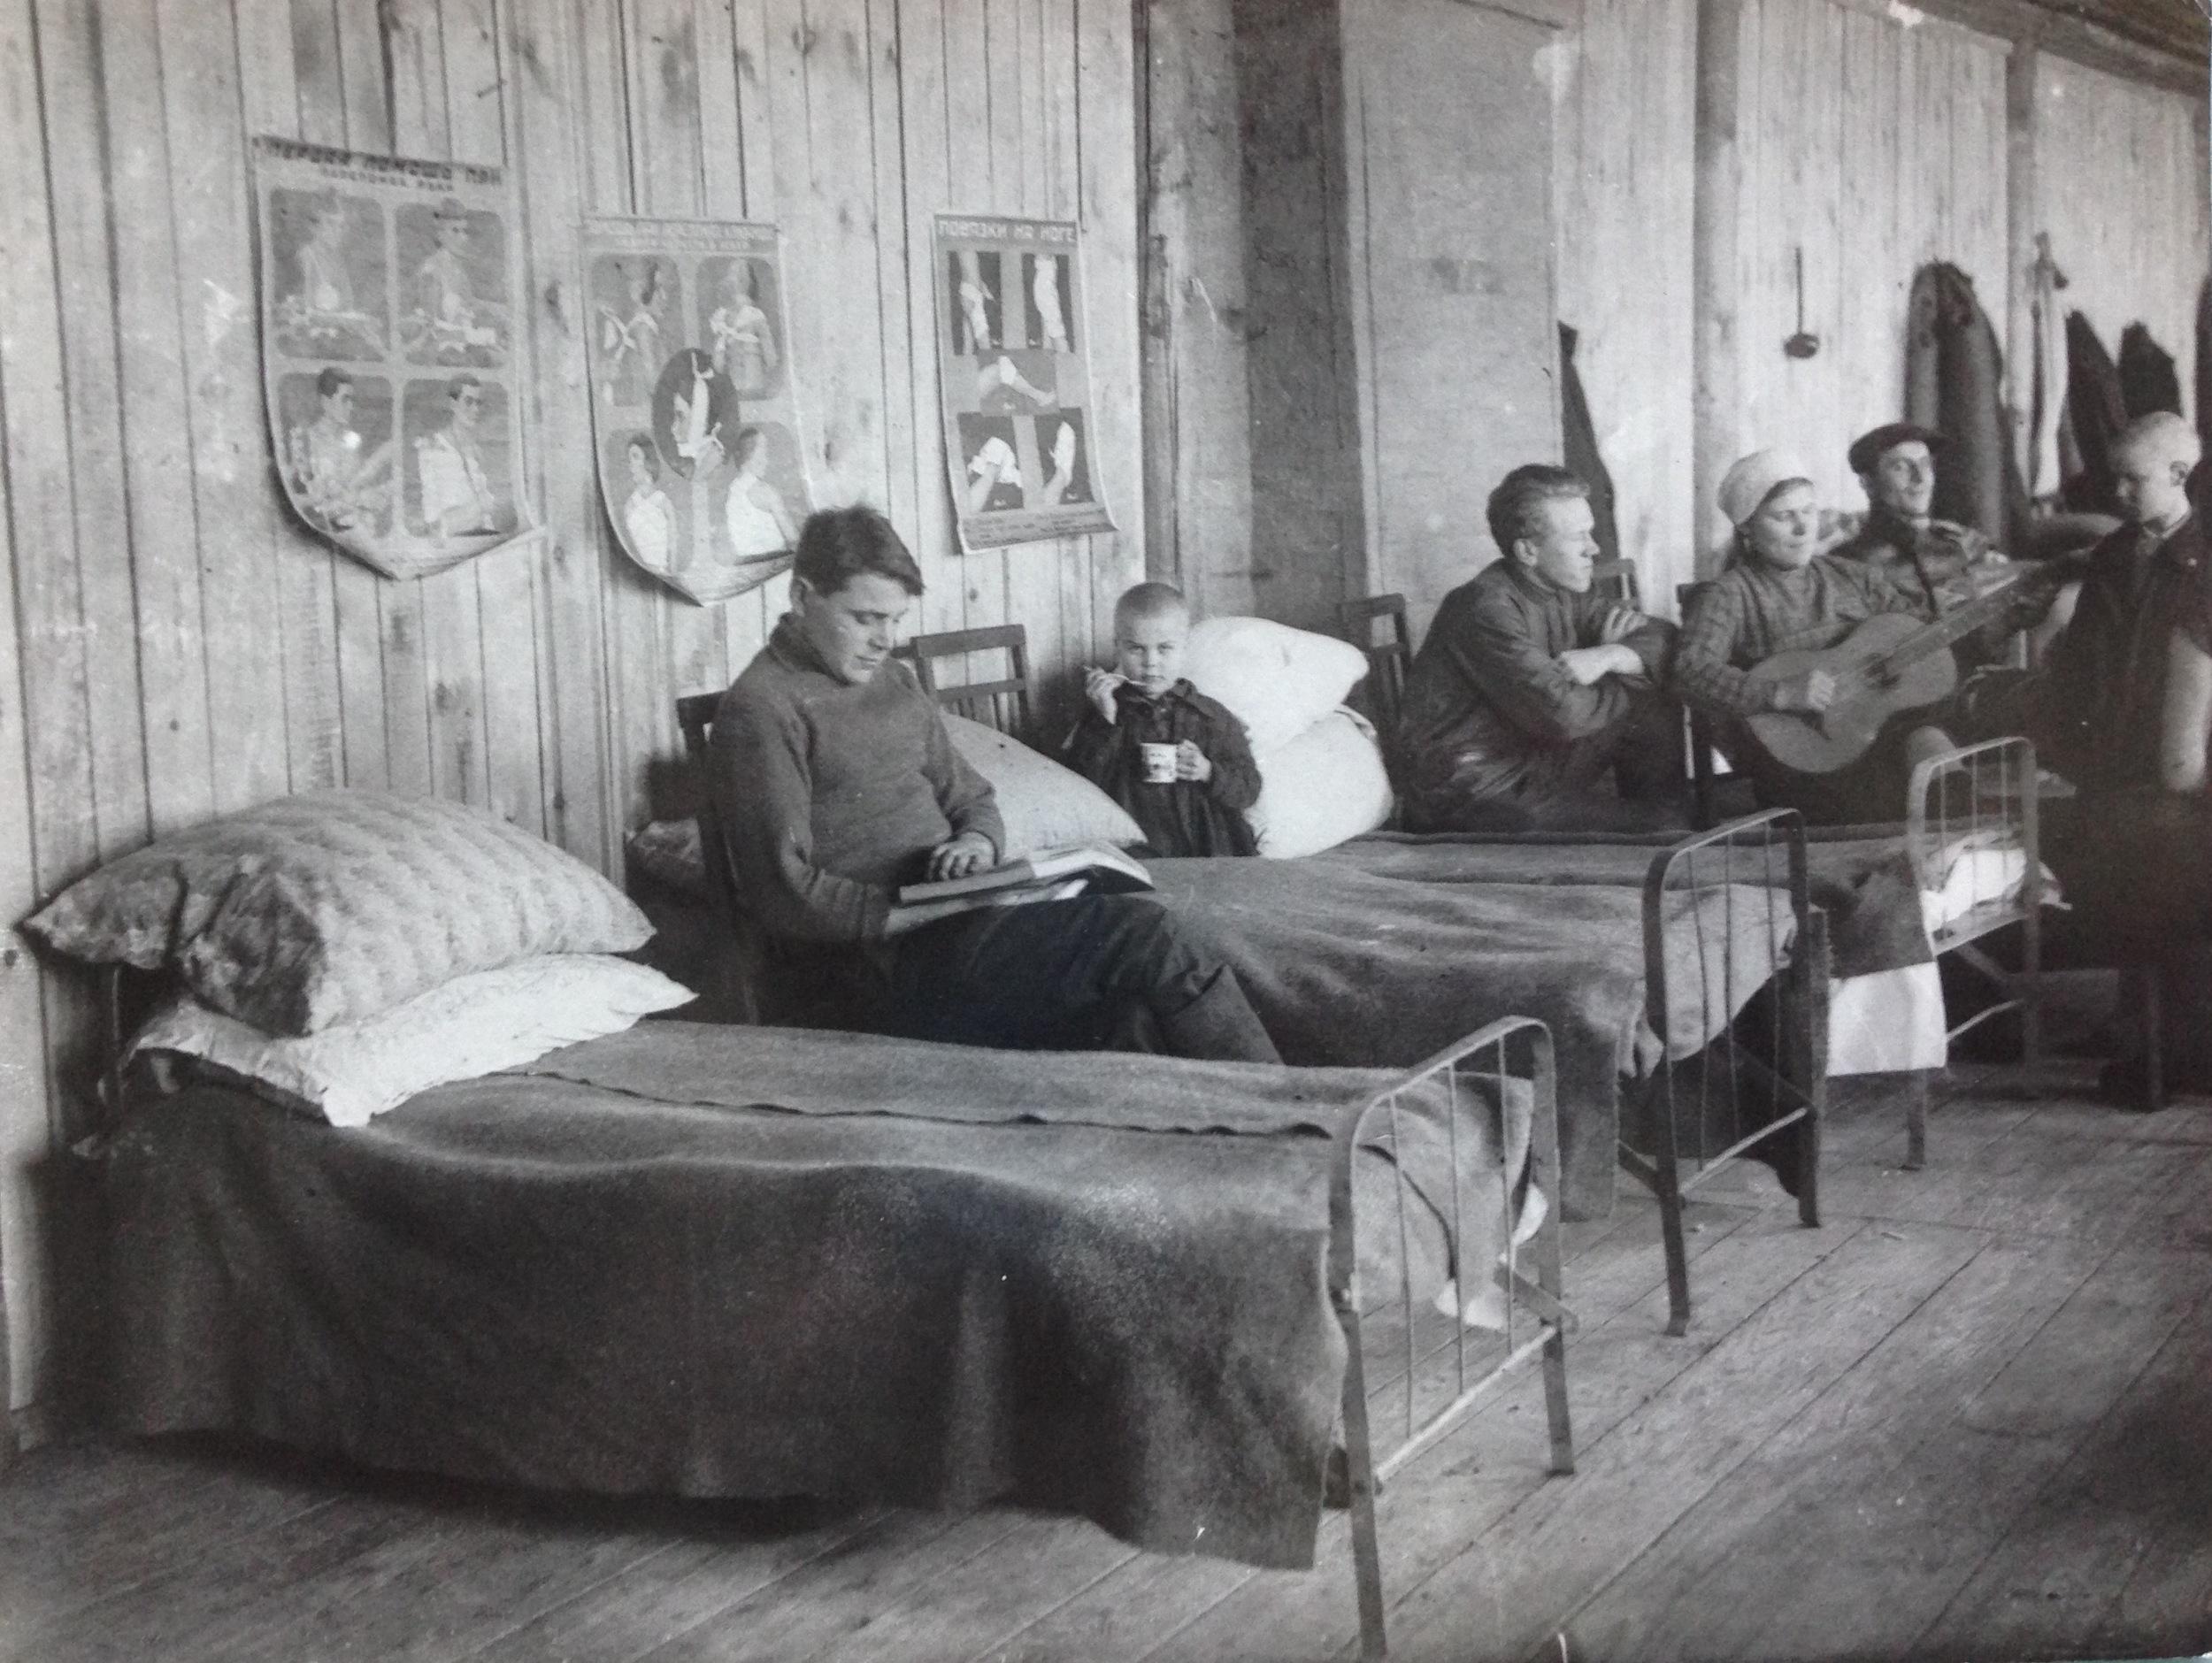 Family barracks, Magnitogorsk, c.1930 (Magnitogorskii kraevedcheskii muzei, MKM)